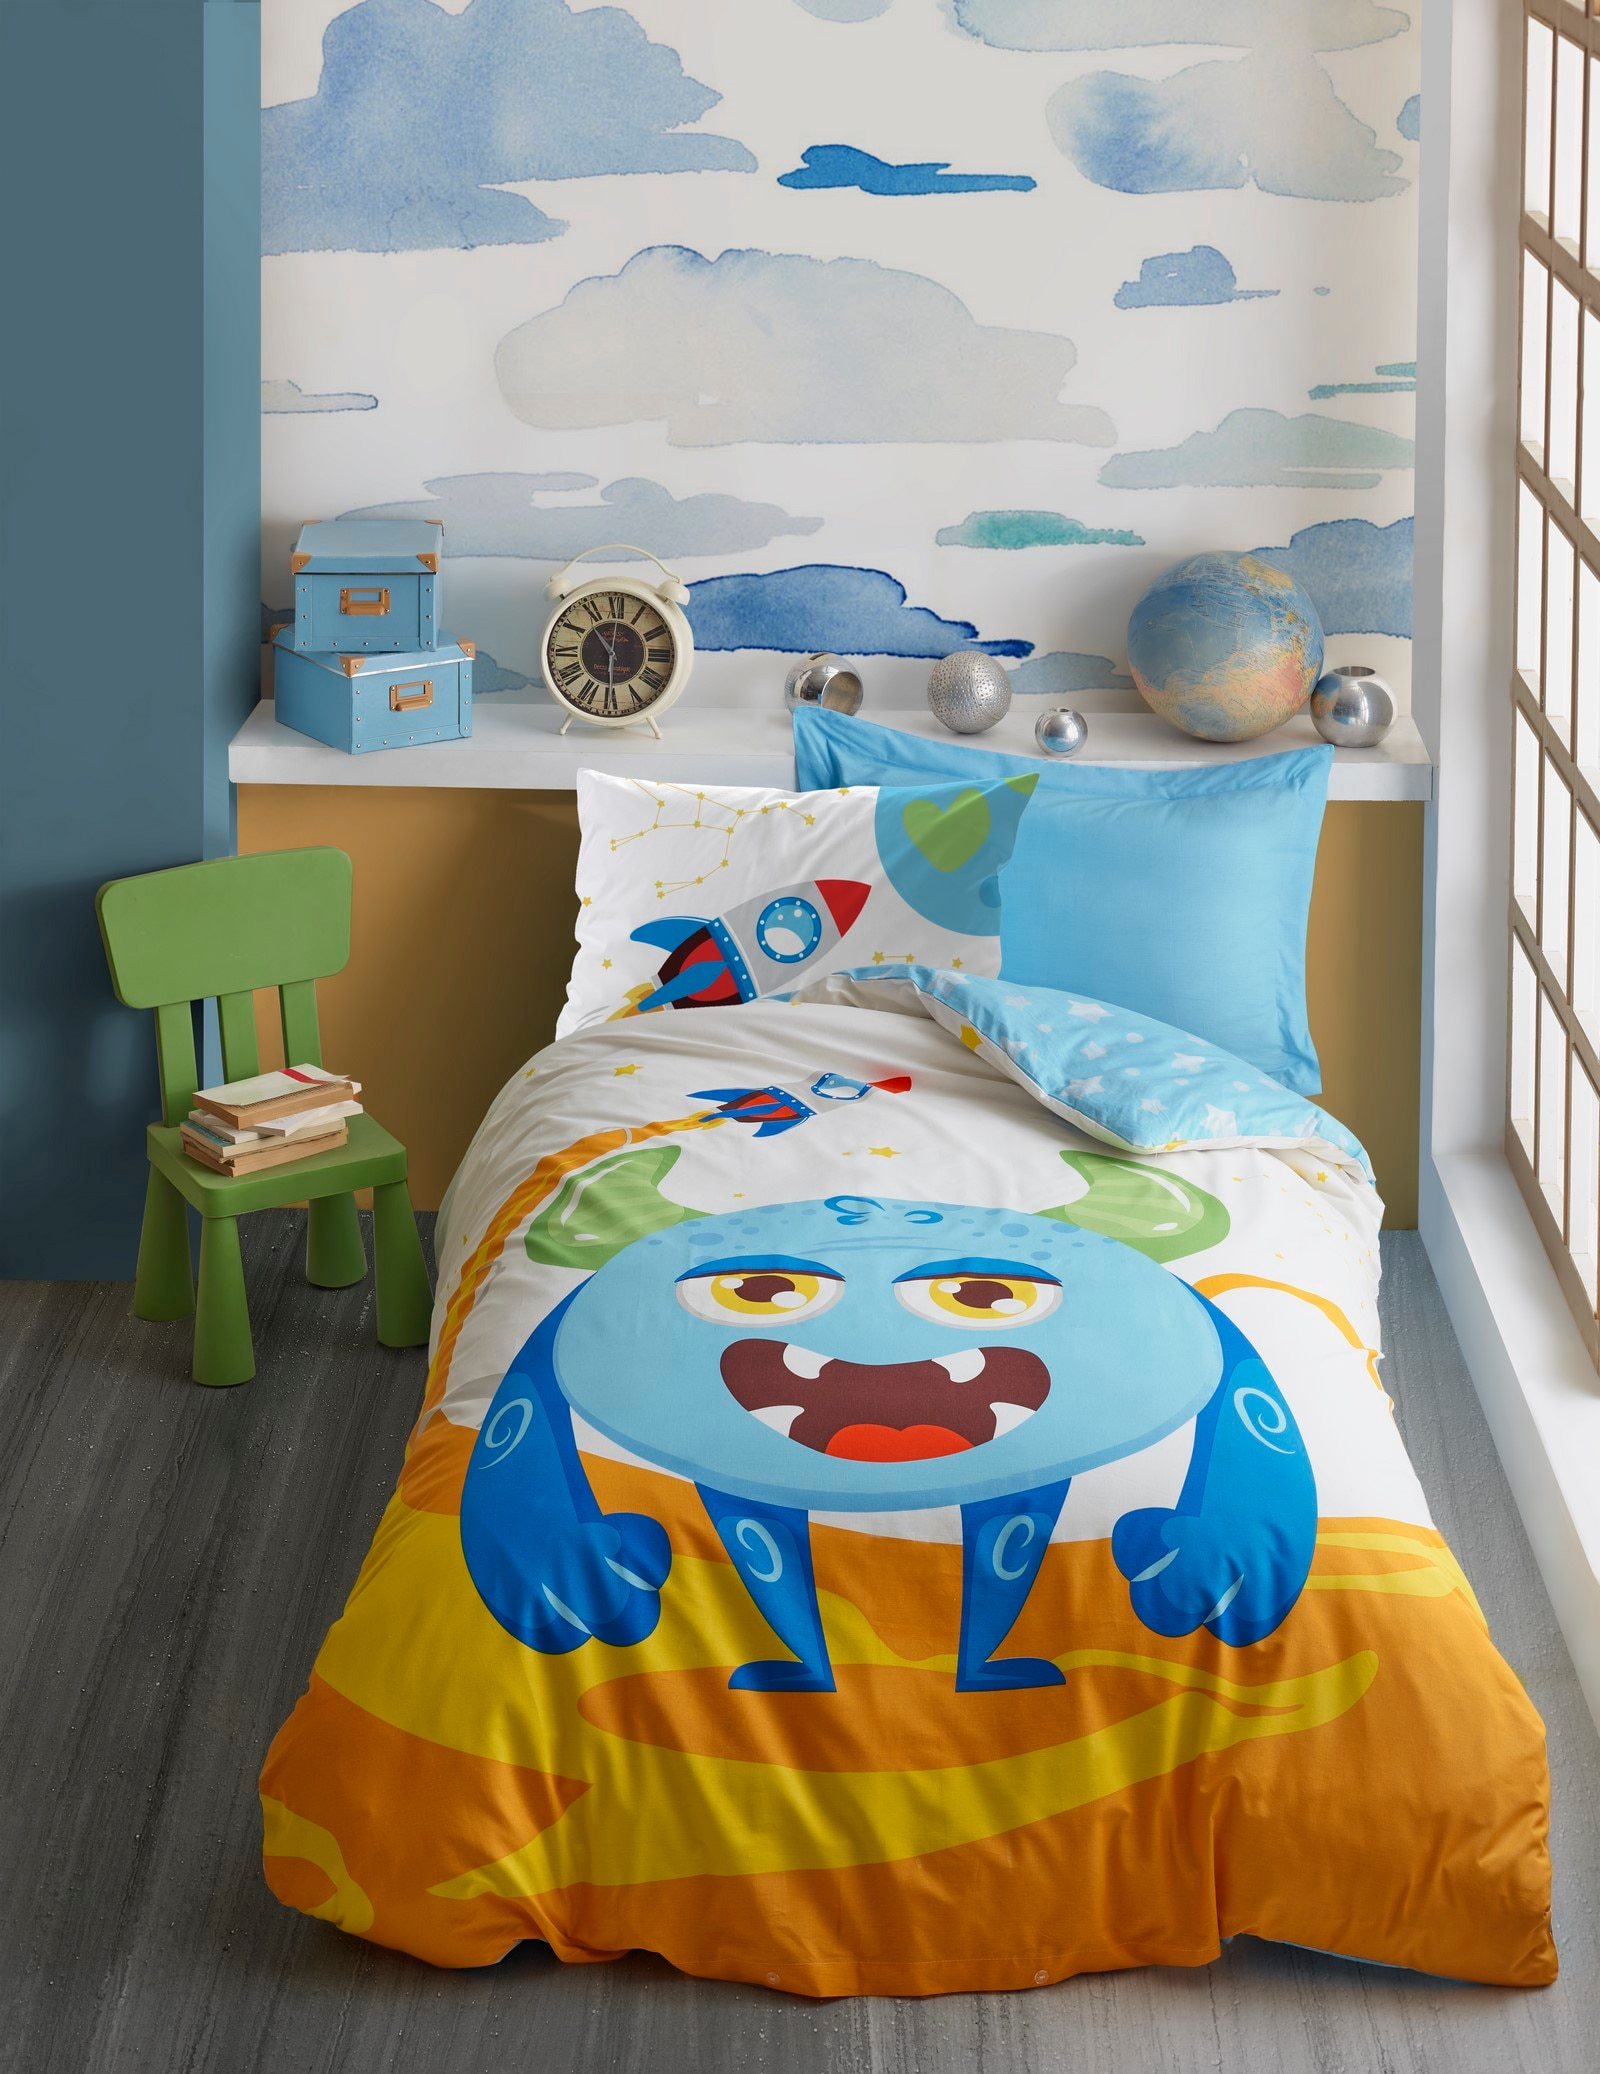 القطن صندوق تركيا واحد الطفل حاف مجموعة غطاء ، ورقة ، المخدة ، غرفة الاطفال ، هدية ، المفرش ، فتاة الصبي ، 100% القطن 3 Piece